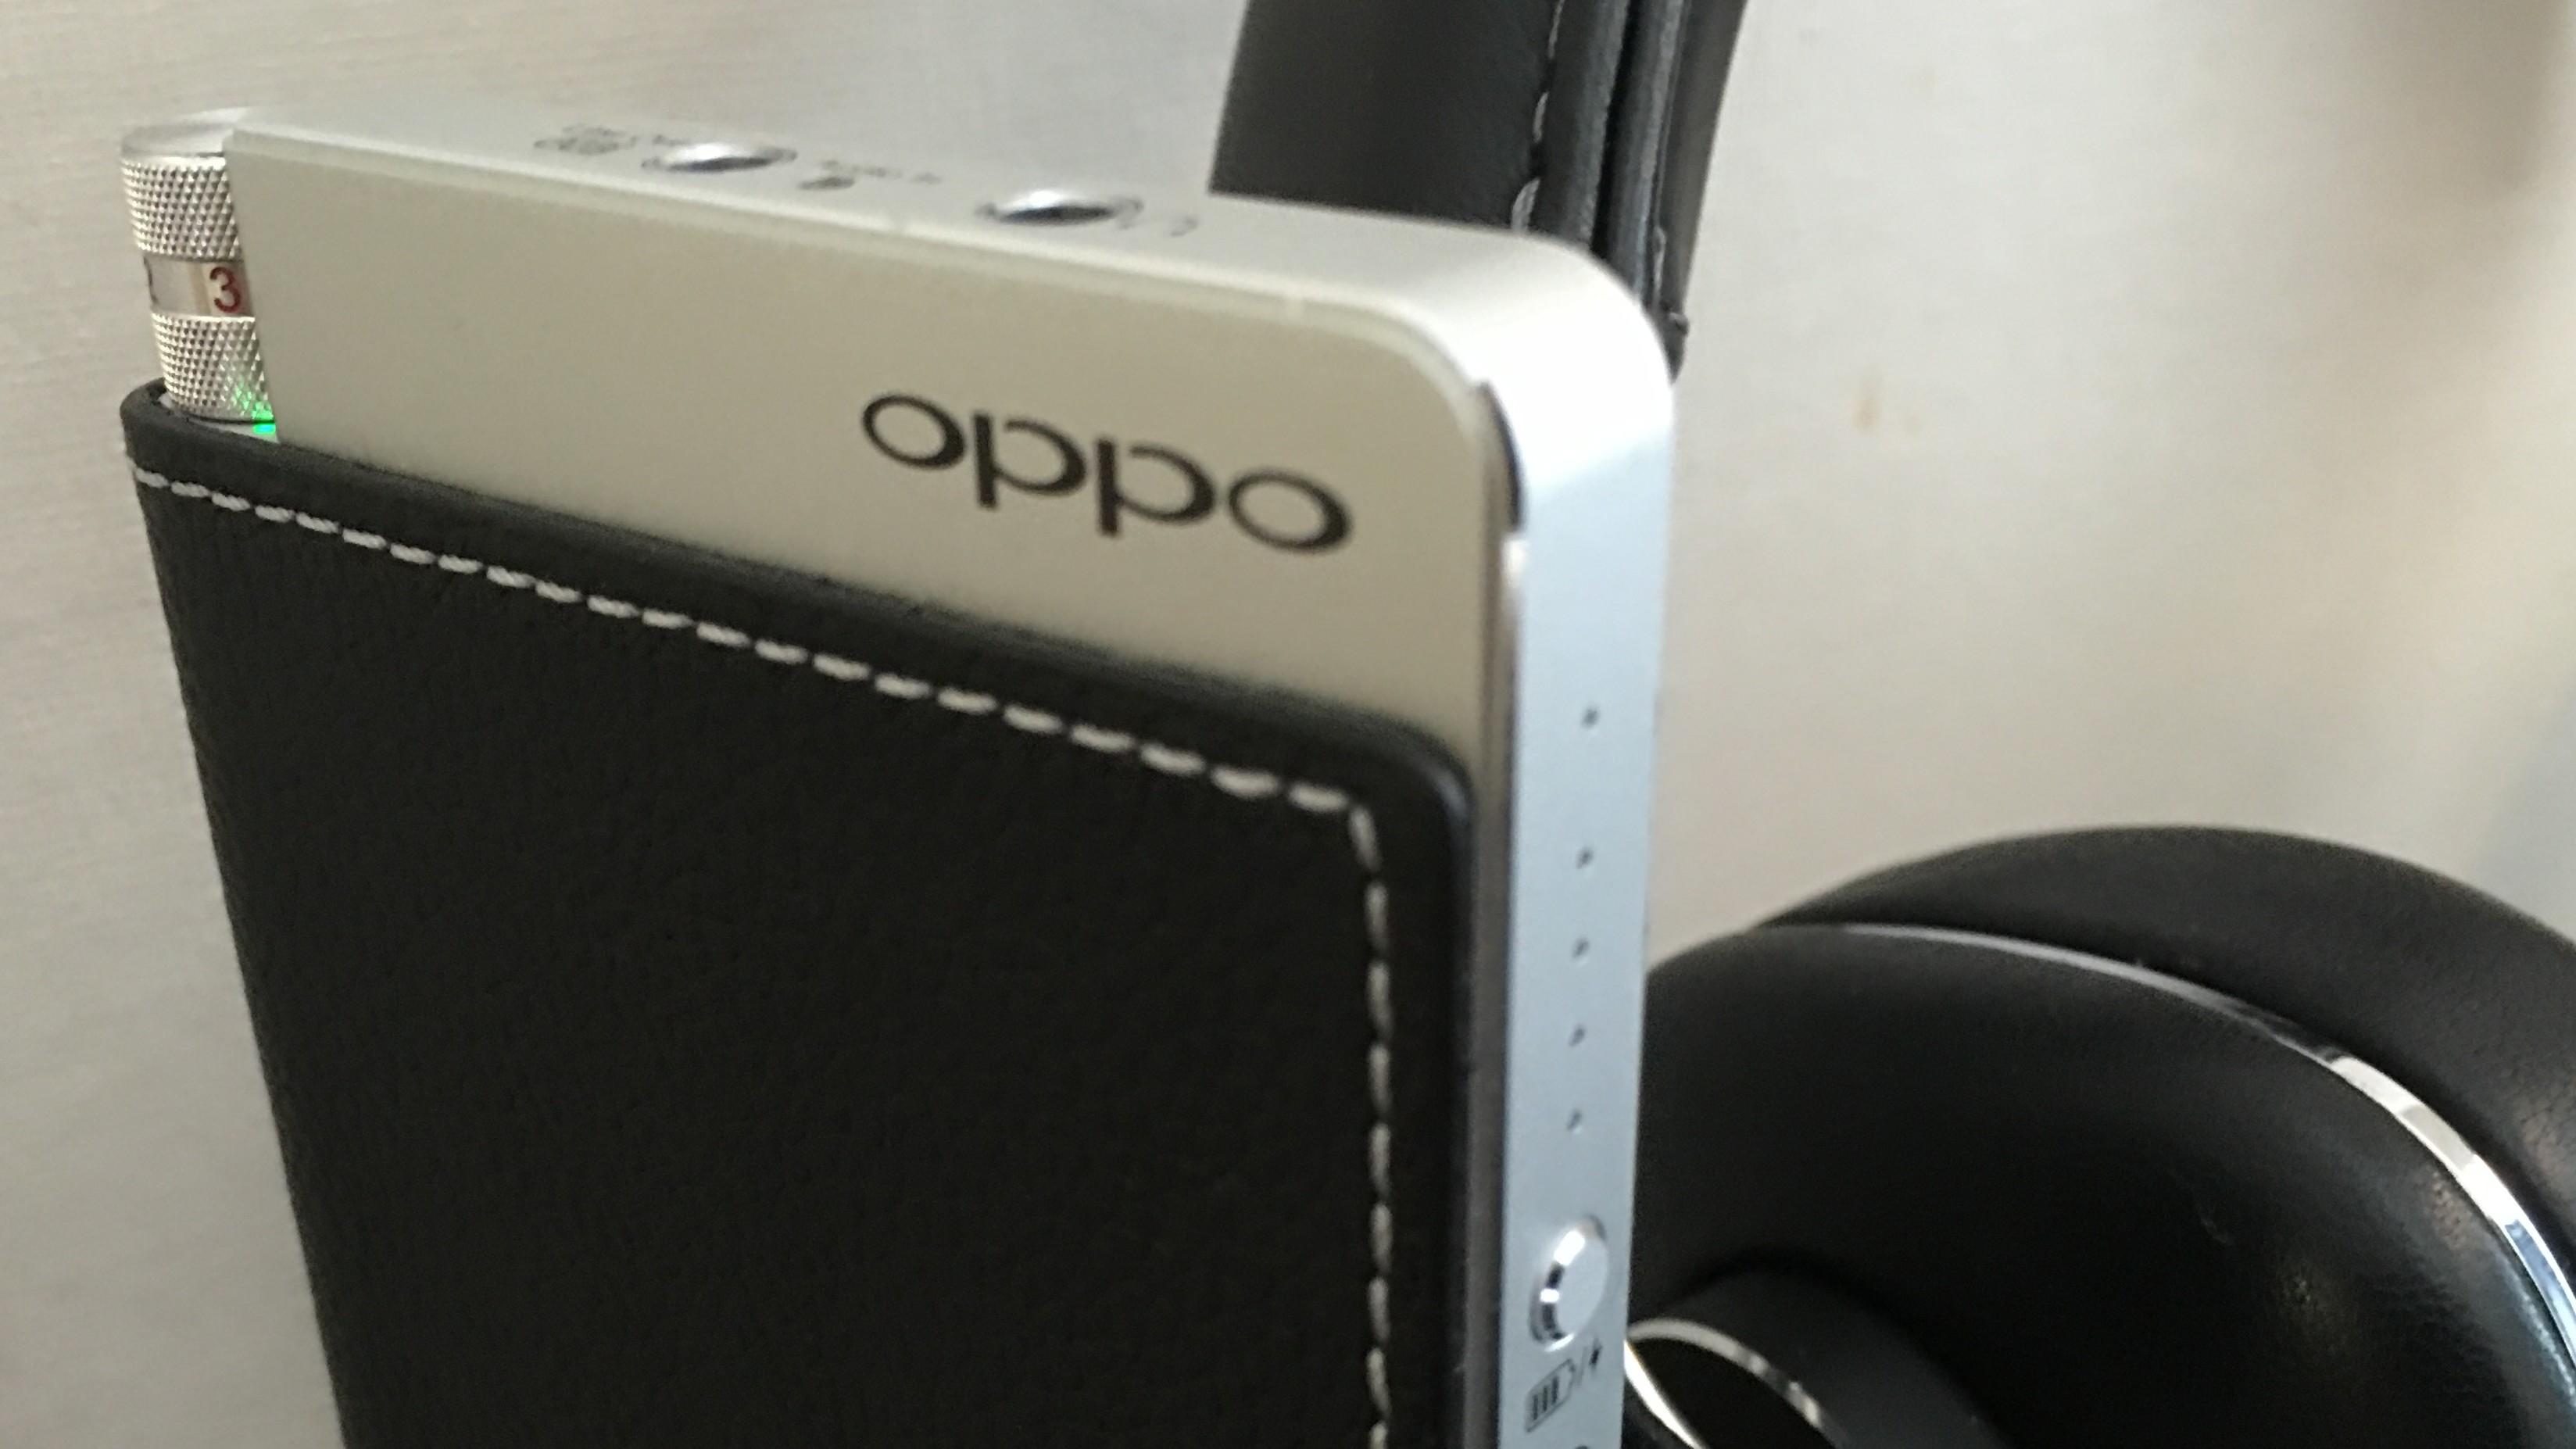 Oppo HA-2 gir nydelig lyd til hodetelefonene dine når du er på farten. Har du prøvd denne en gang går du aldri tilbake.